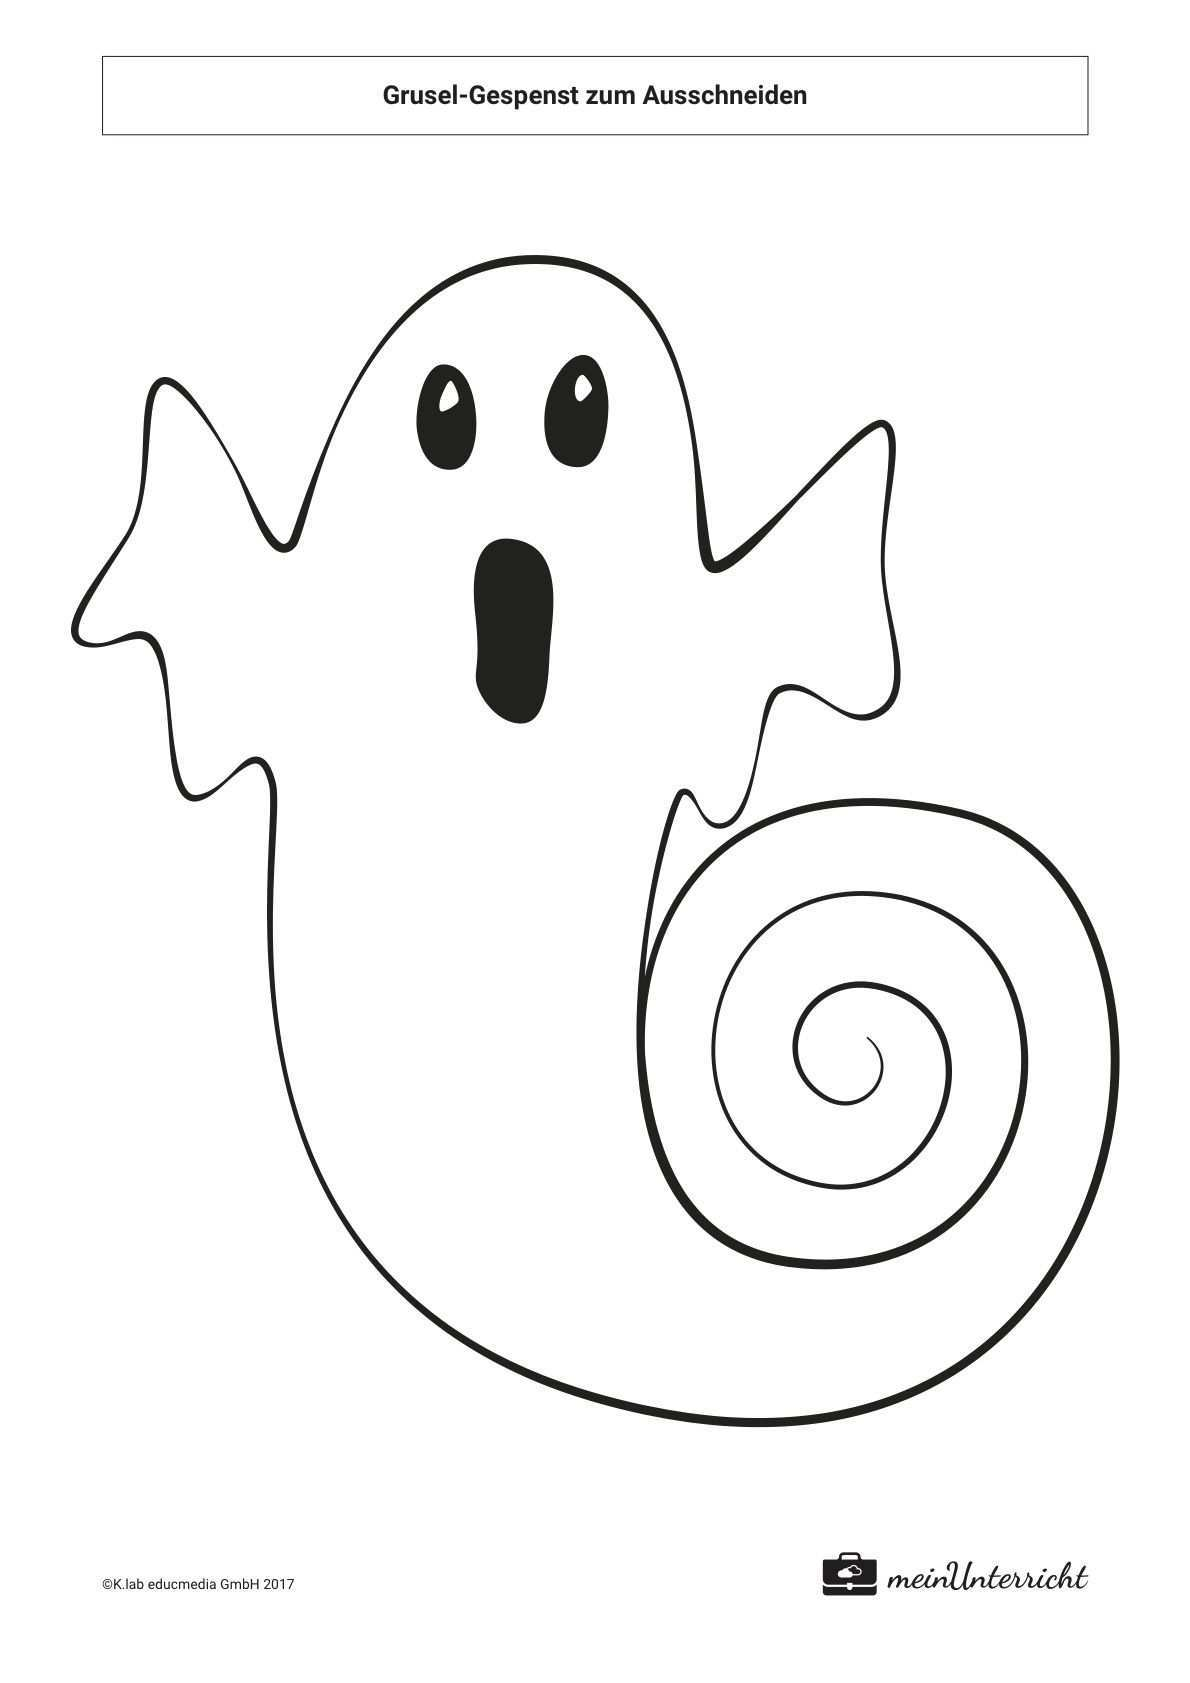 Grusel Gespenst Zum Ausschneiden Meinunterricht De Halloween Basteln Vorlagen Basteln Halloween Halloween Katze Basteln